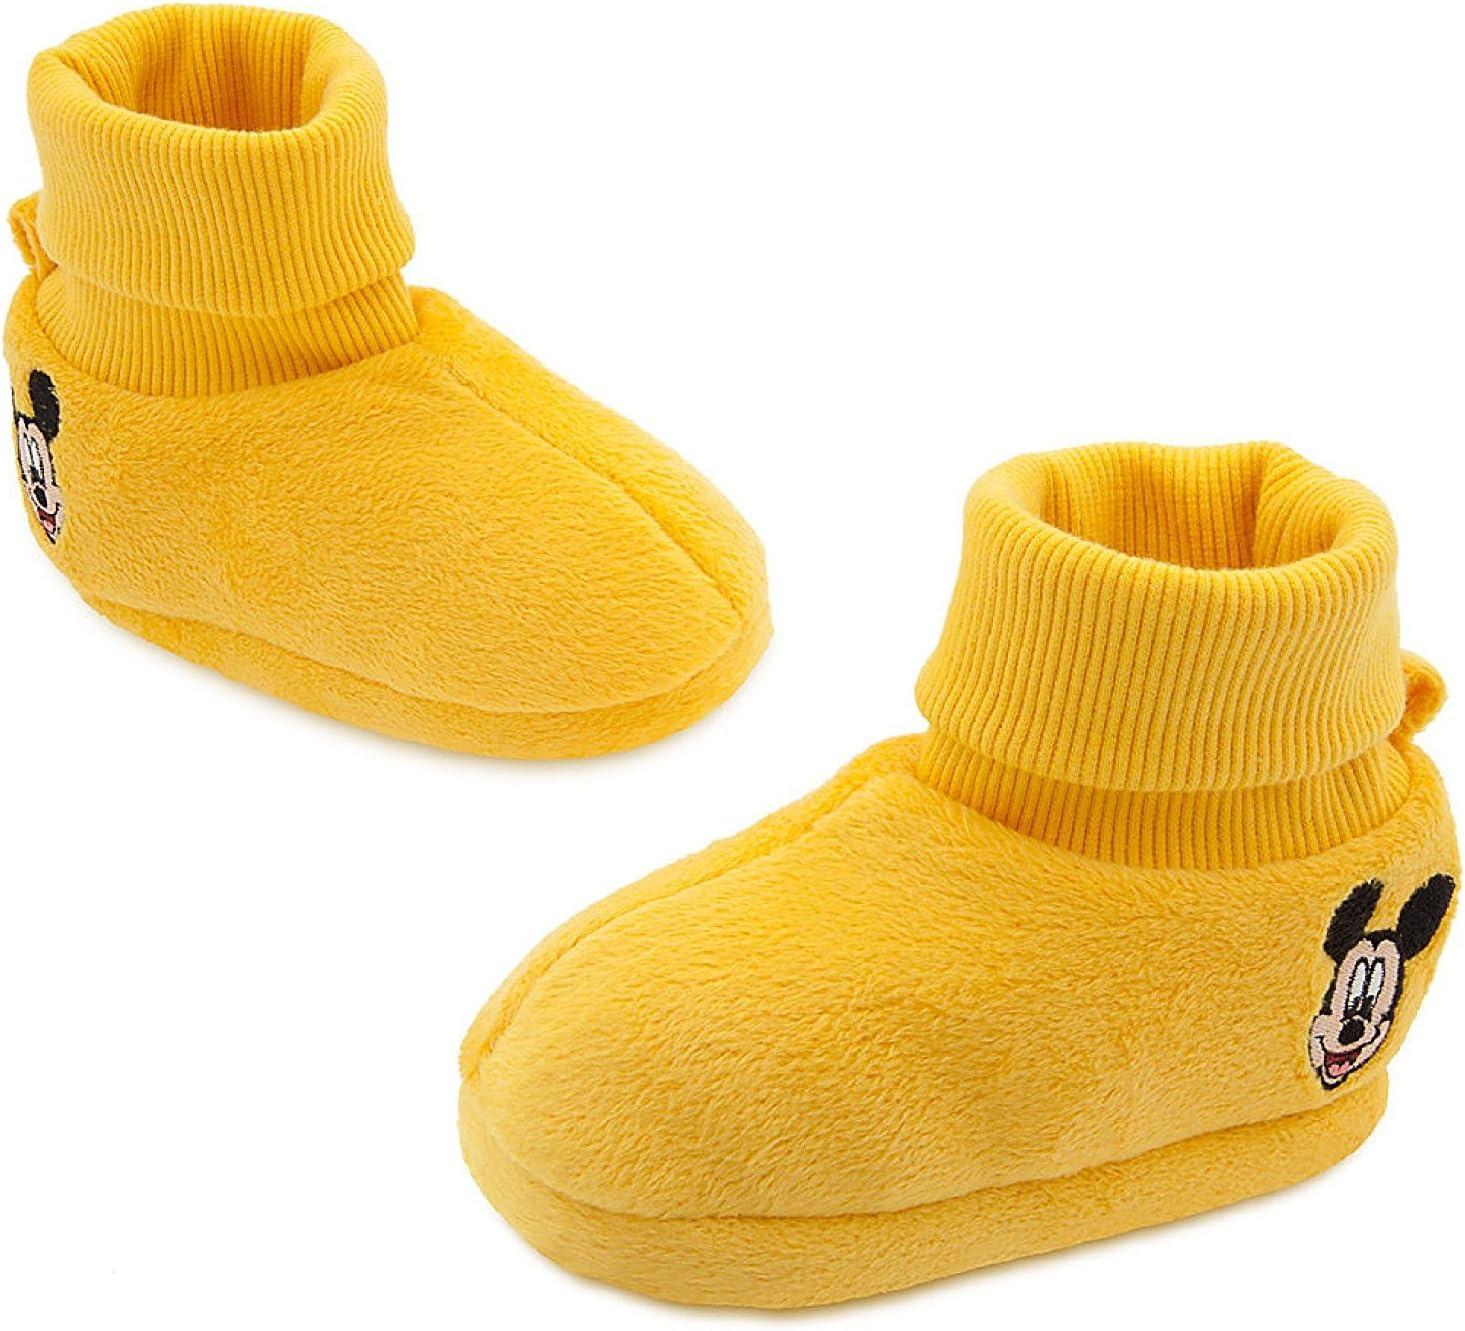 Tienda Mickey Mouse En el zapato Zapatos de disfraz amarillo para ...